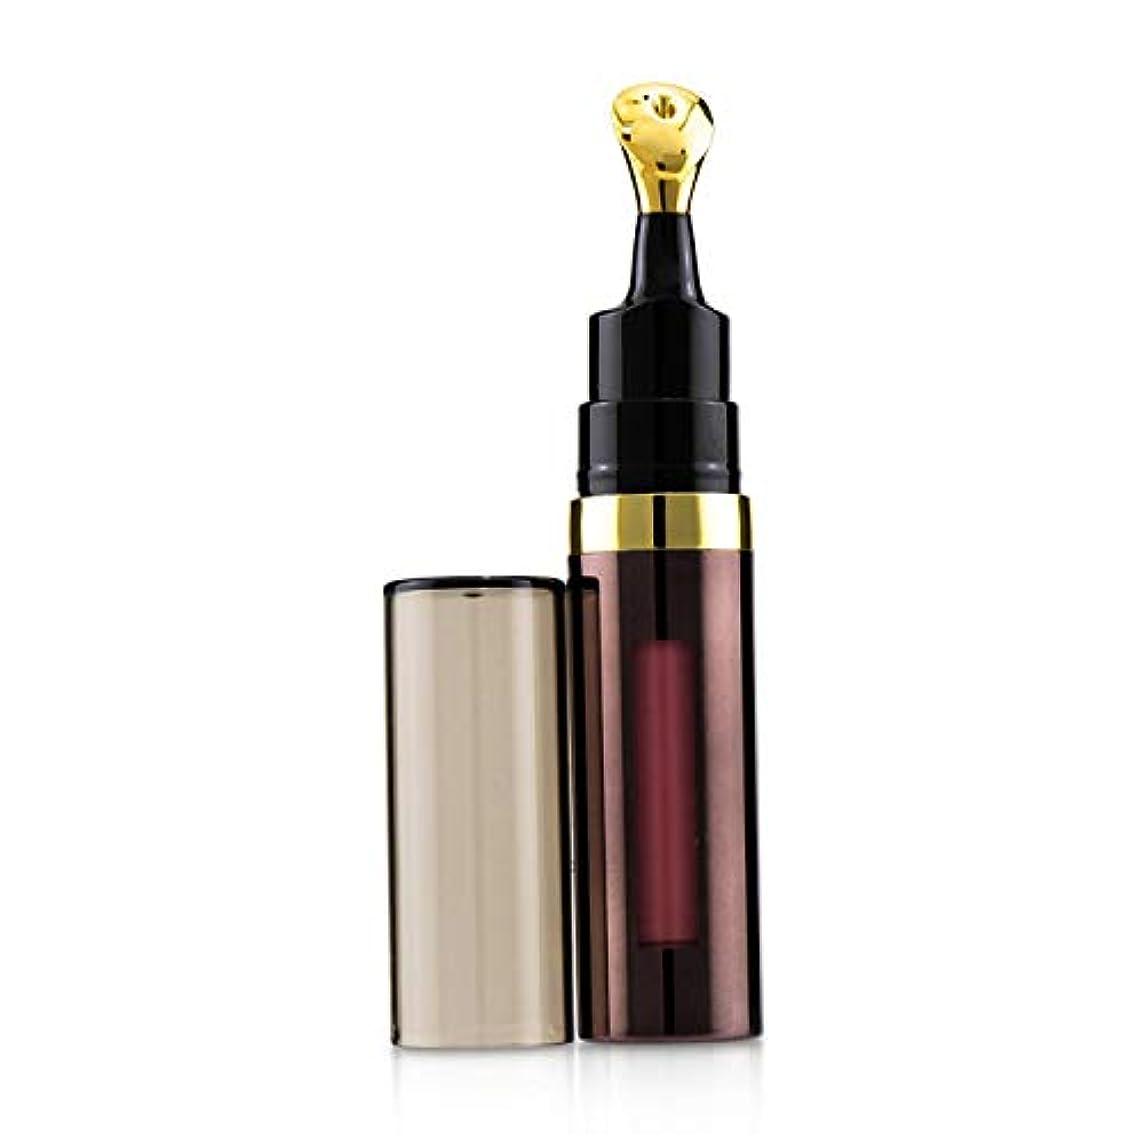 絶望オフセット混乱させるアワーグラス No.28 Lip Treatment Oil - # Cameo (Neutral Rose) 7.5ml/0.25oz並行輸入品